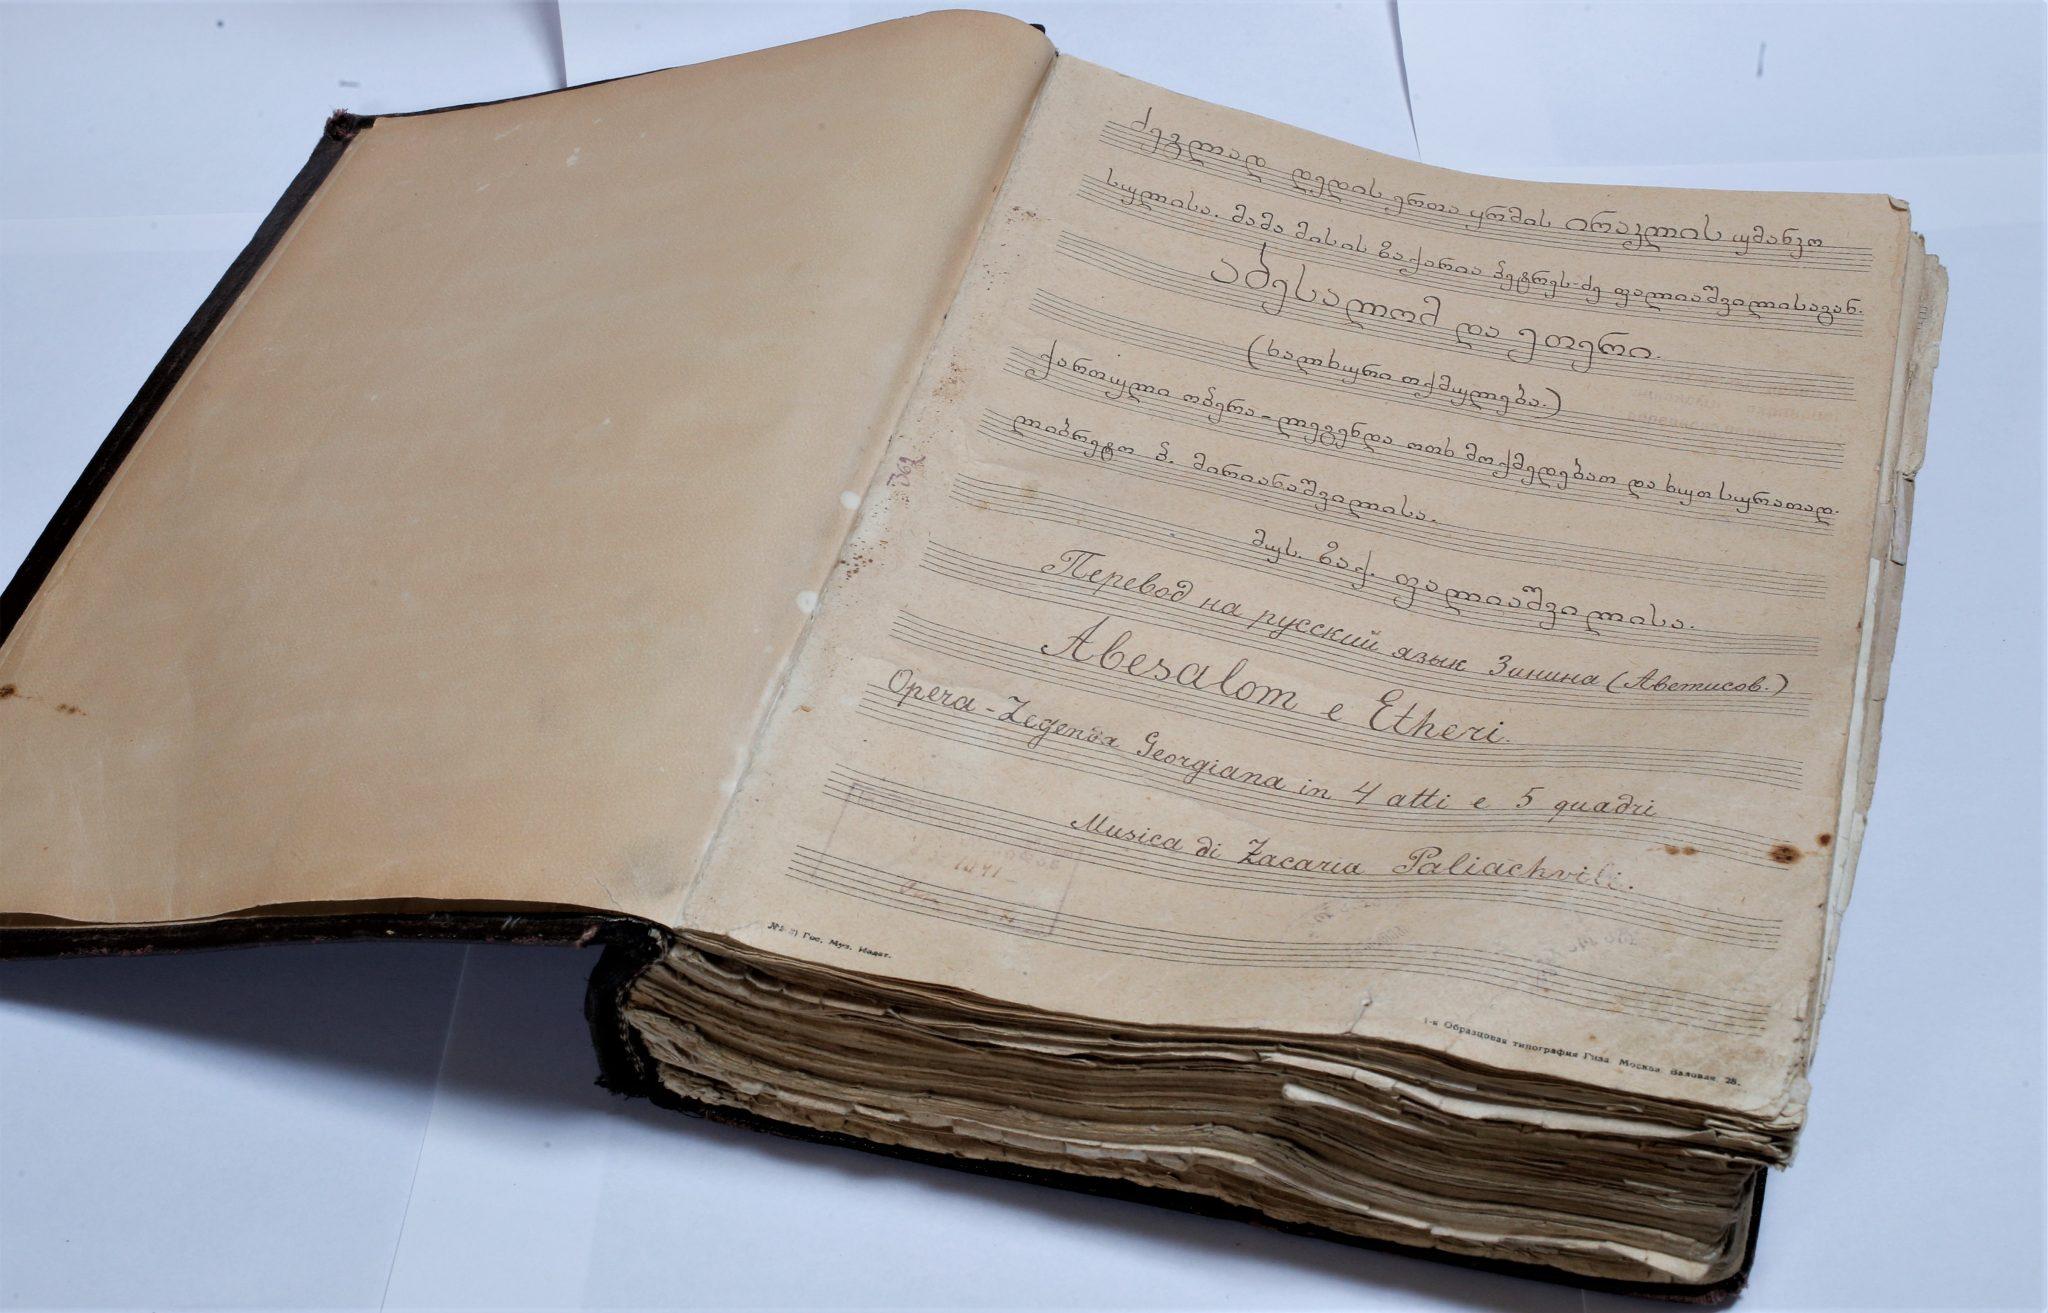 klaviri - ოპერის ,,აბესალომ და ეთერის '' ხელნაწერი კლავირი